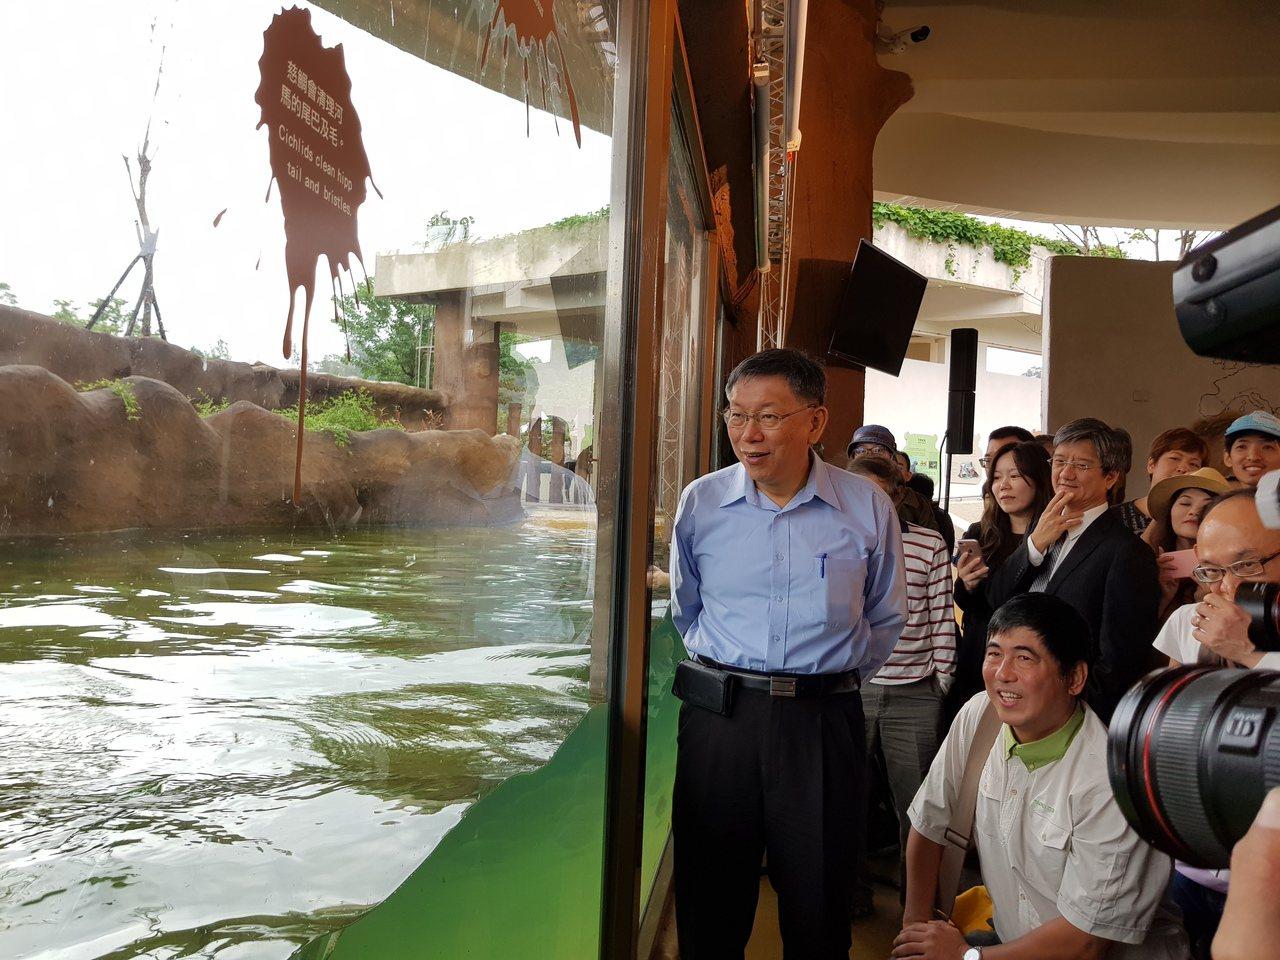 台北市長柯文哲為河馬浴場揭幕,體驗近距離觀察河馬。記者翁浩然/攝影